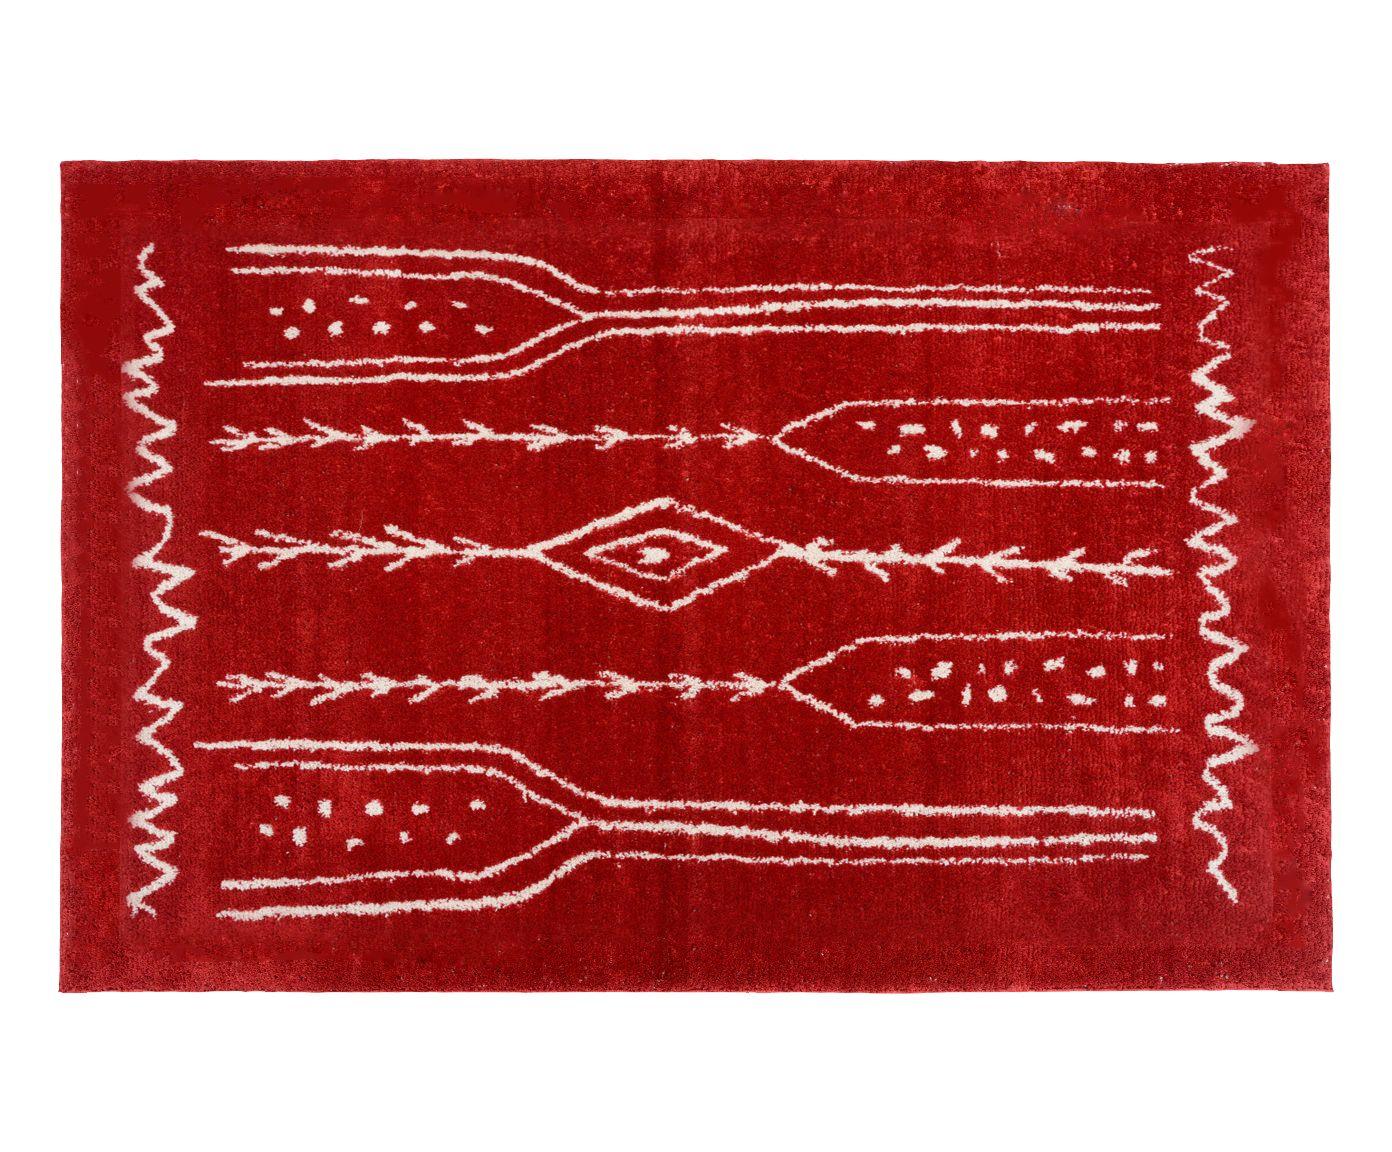 Tapete Art Safia Rubi - 150X200cm, 150x200cm   Westwing.com.br